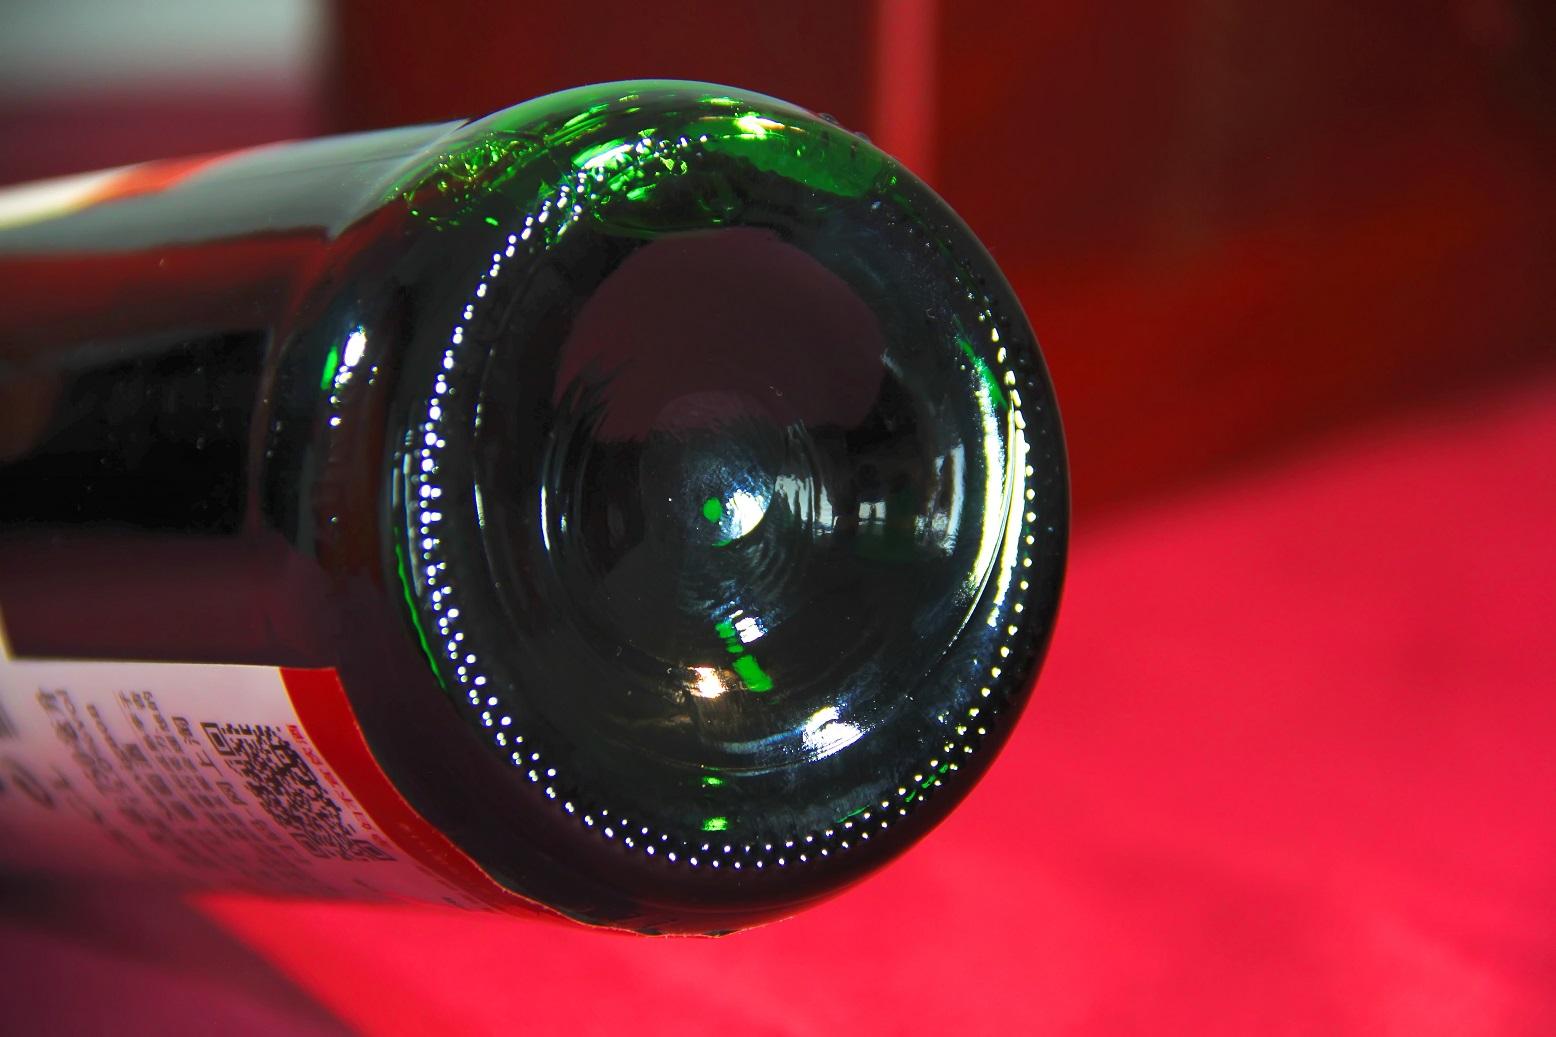 复活岛赤霞珠干红葡萄酒06-齐饮(CHEERS)进口葡萄酒店